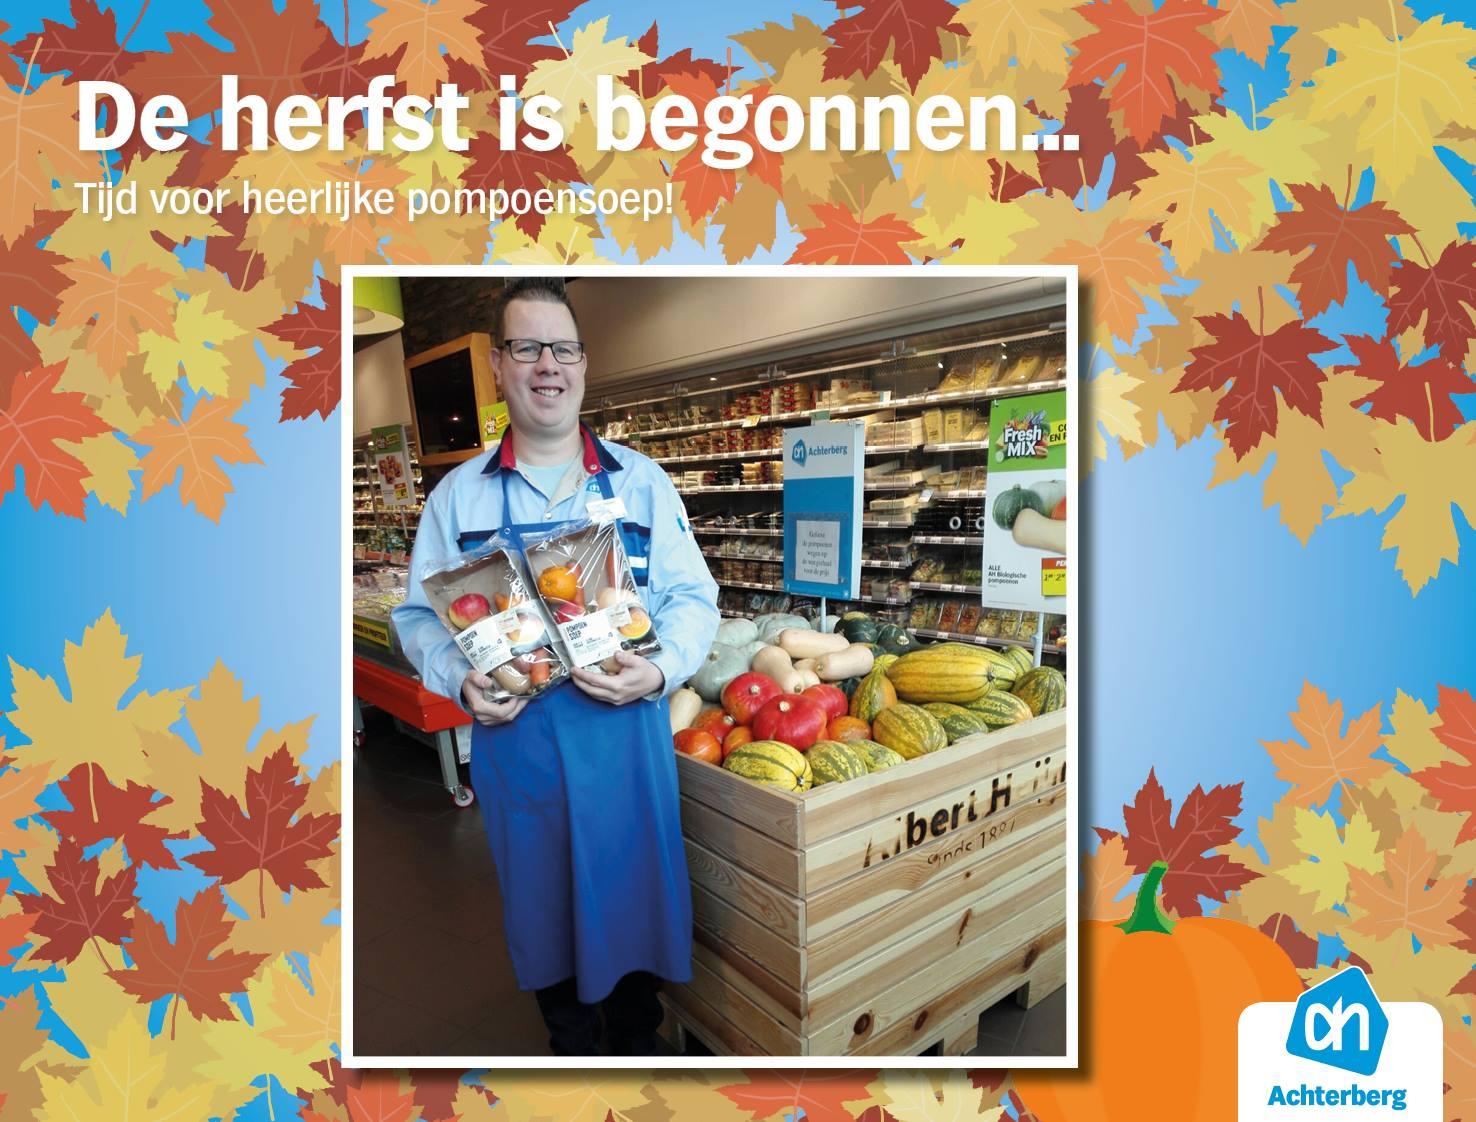 De herfst is begonnen… Tijd voor heerlijke pompoensoep!